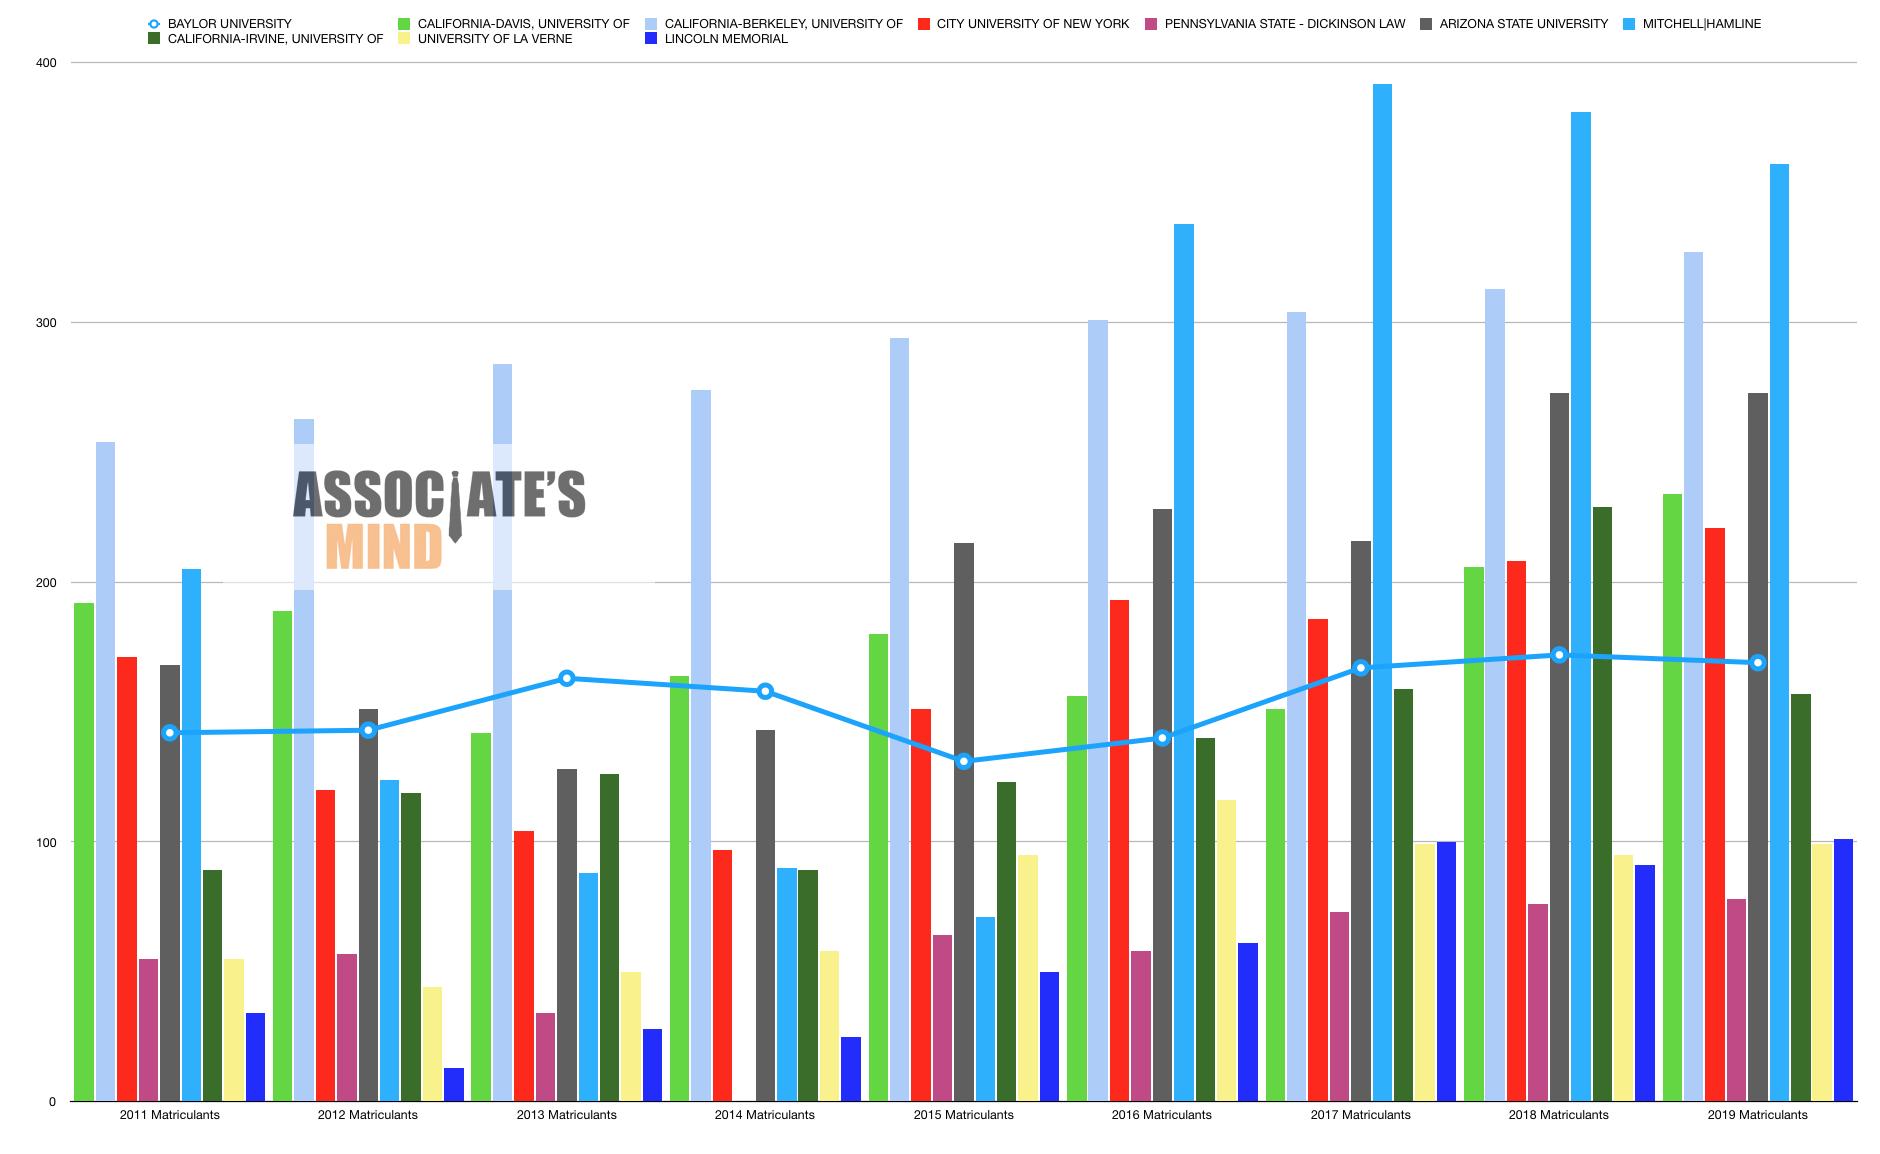 aba 509 disclosures biggest increase